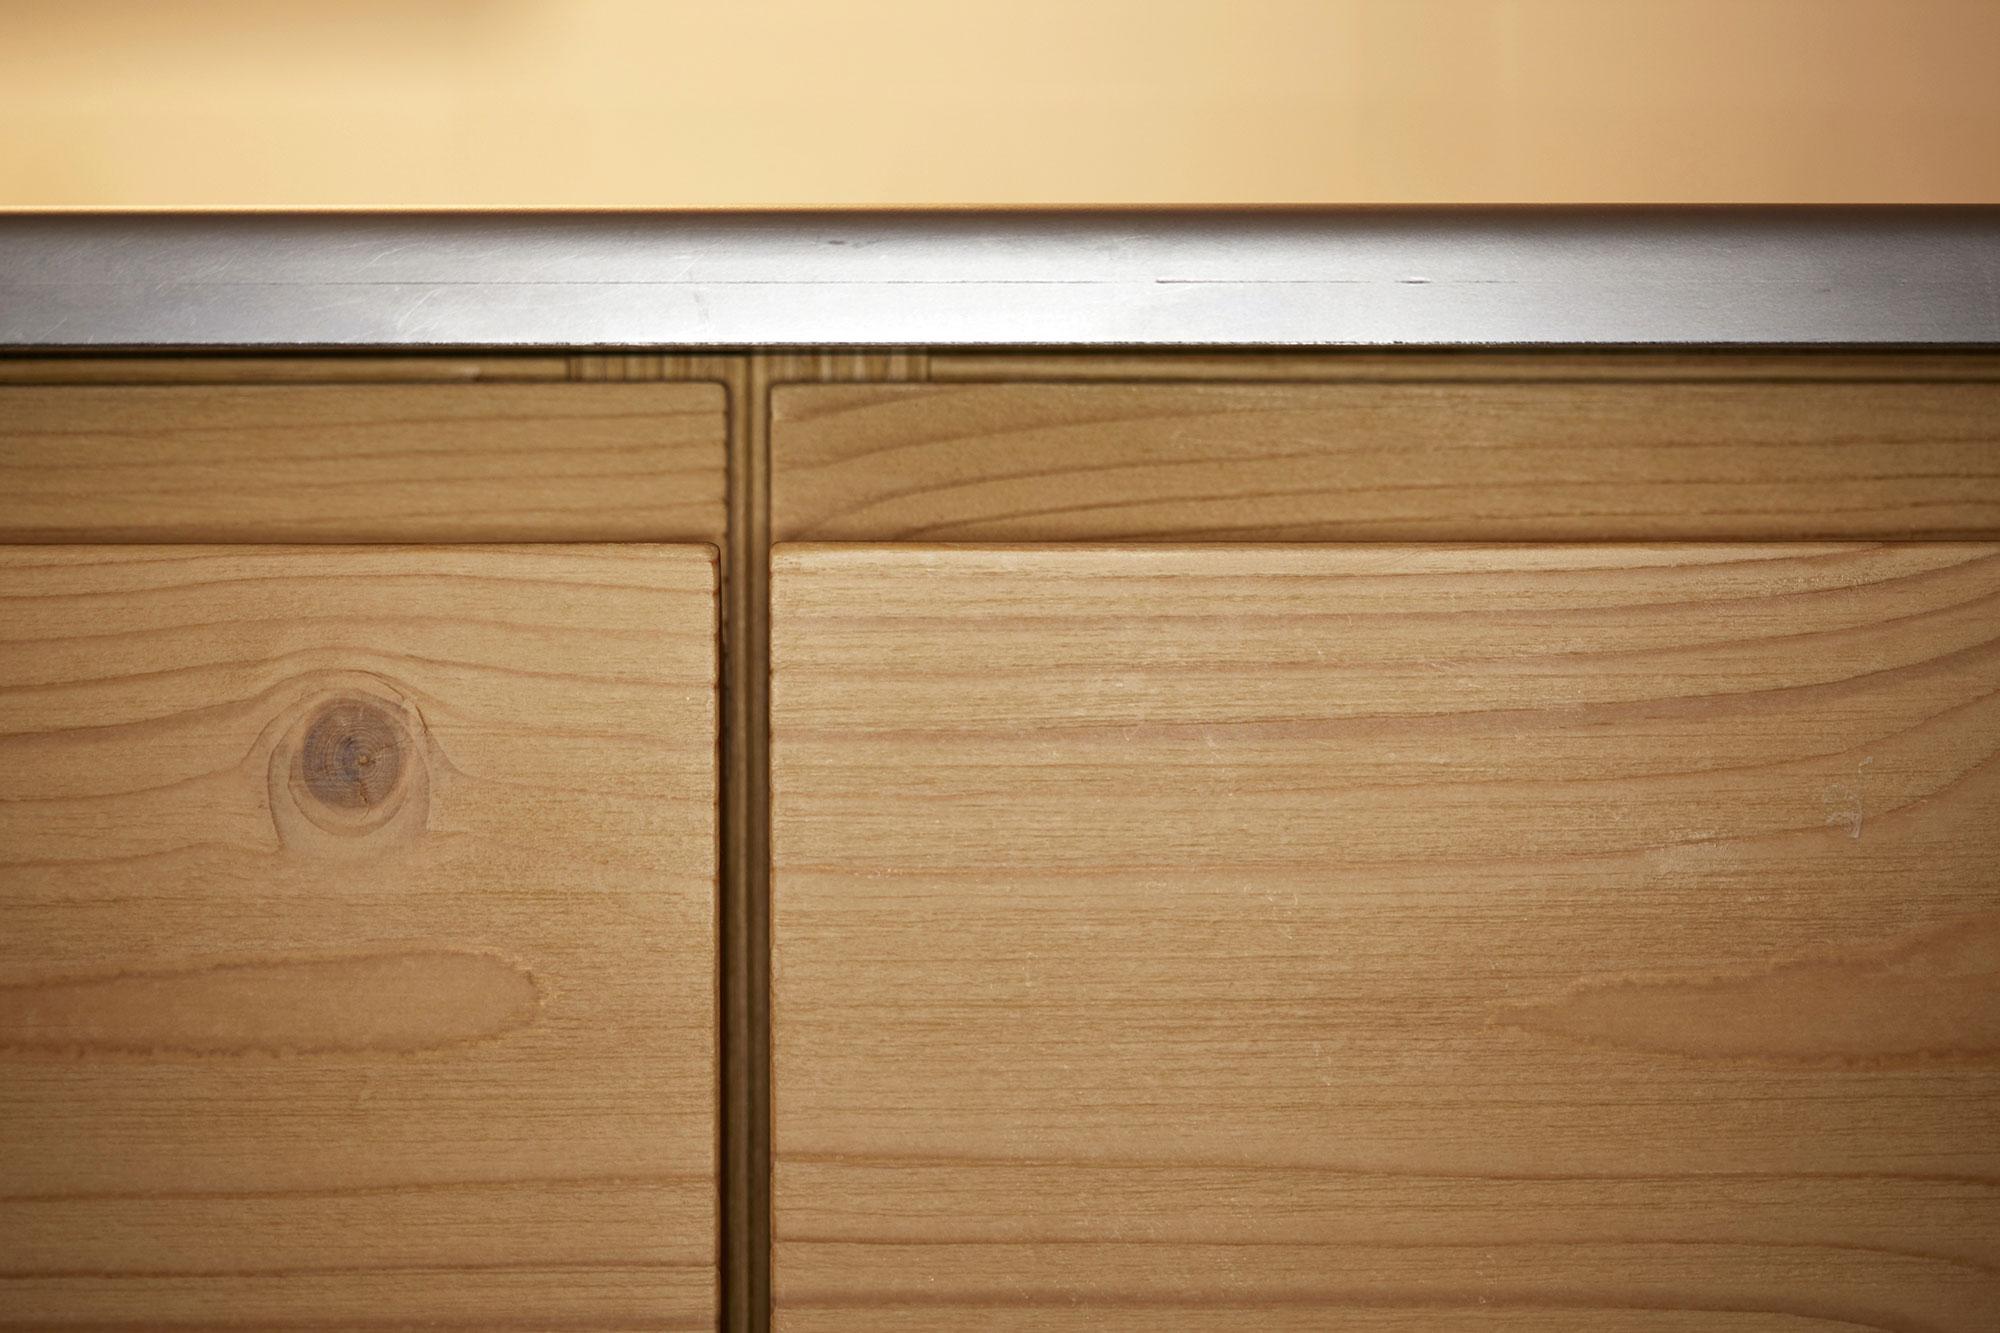 Tischlerei Stöckl Ebbs Inneneinrichtung Küche Bora Classic Detailaufnahme Holz